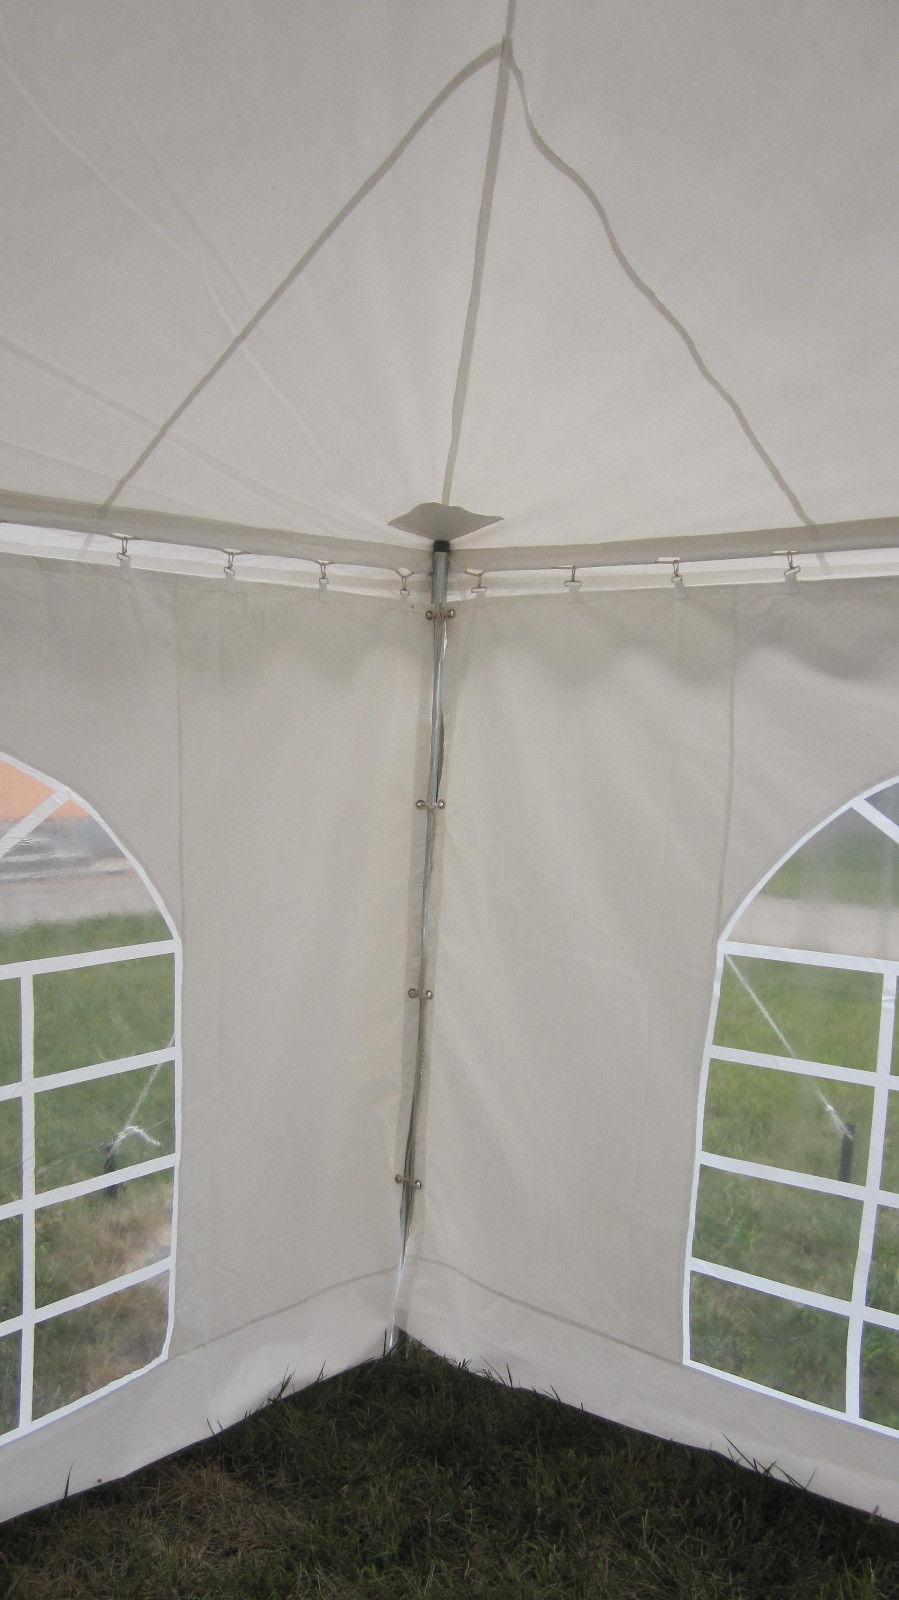 20 X 40 Pvc Pole Tent Canopy Gazebo